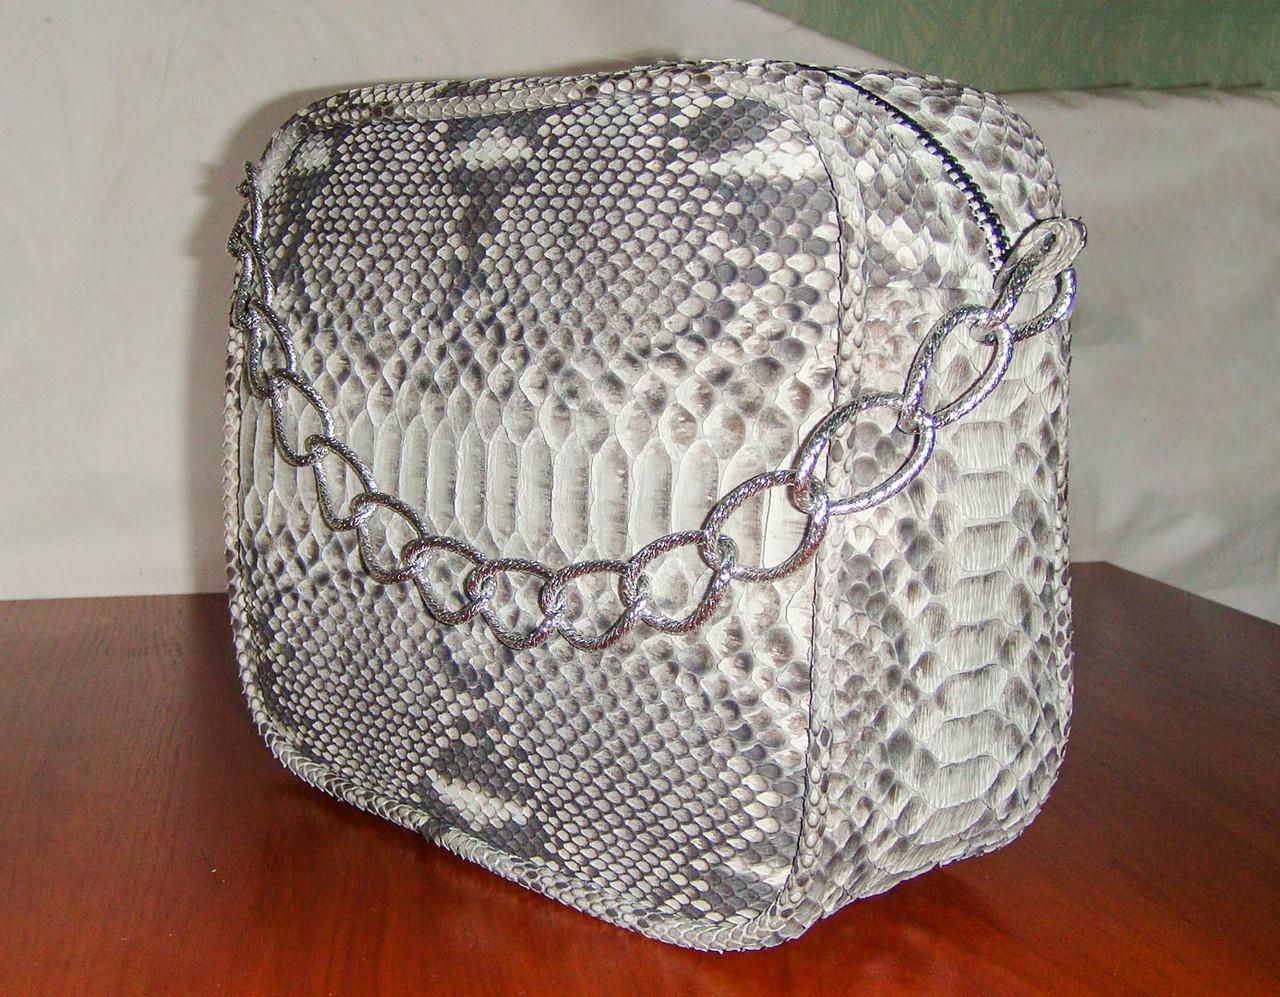 1c902db350b1 Прямоугольная маленькая сумка из натуральной кожи питона - ARUT Кожаная  обувь и галантерея в Николаеве